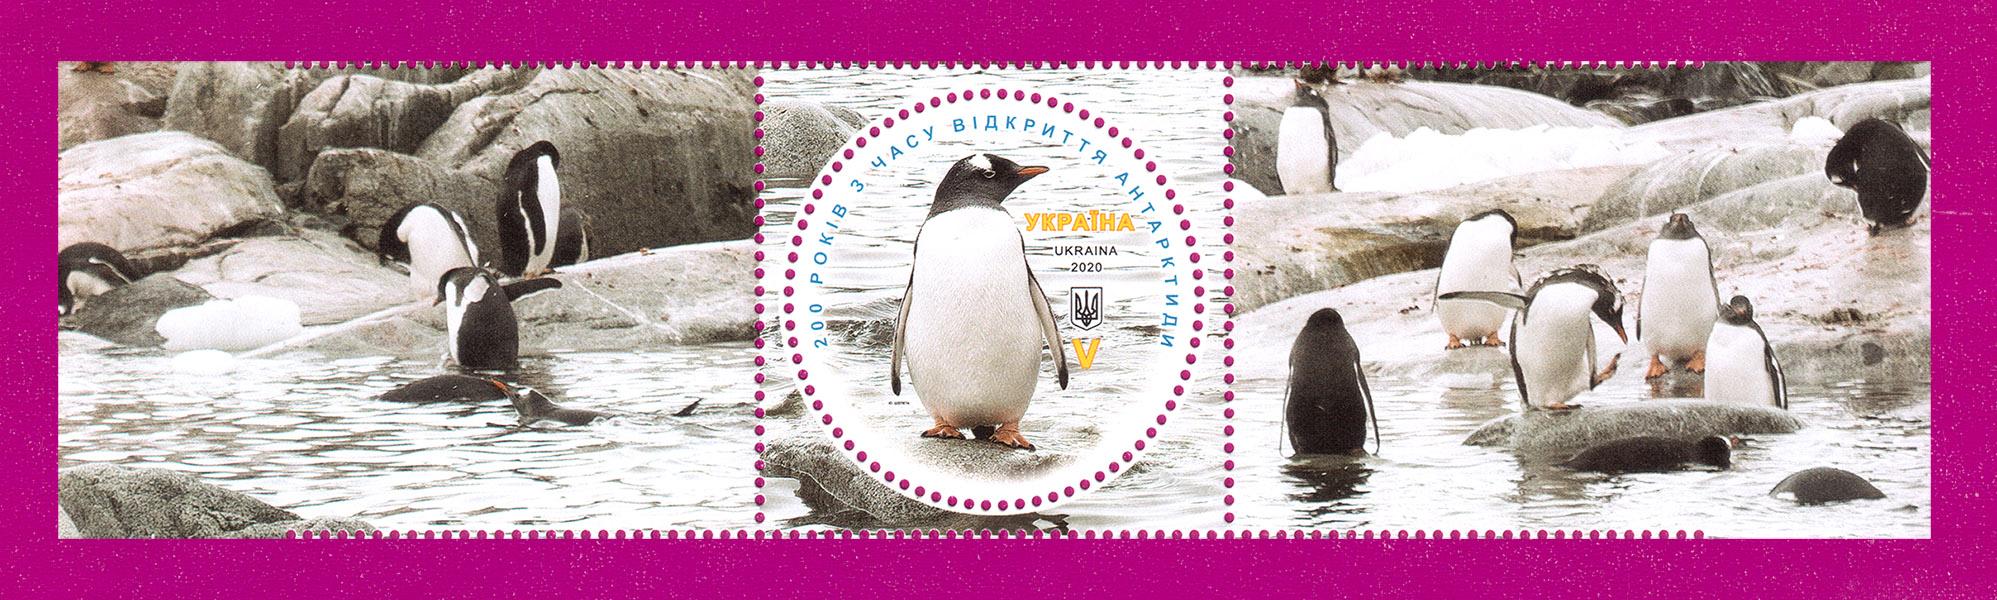 2020 марка Антарктида Пингвин С ДВУМЯ КУПОНАМИ ЛИТЕРА V Украина